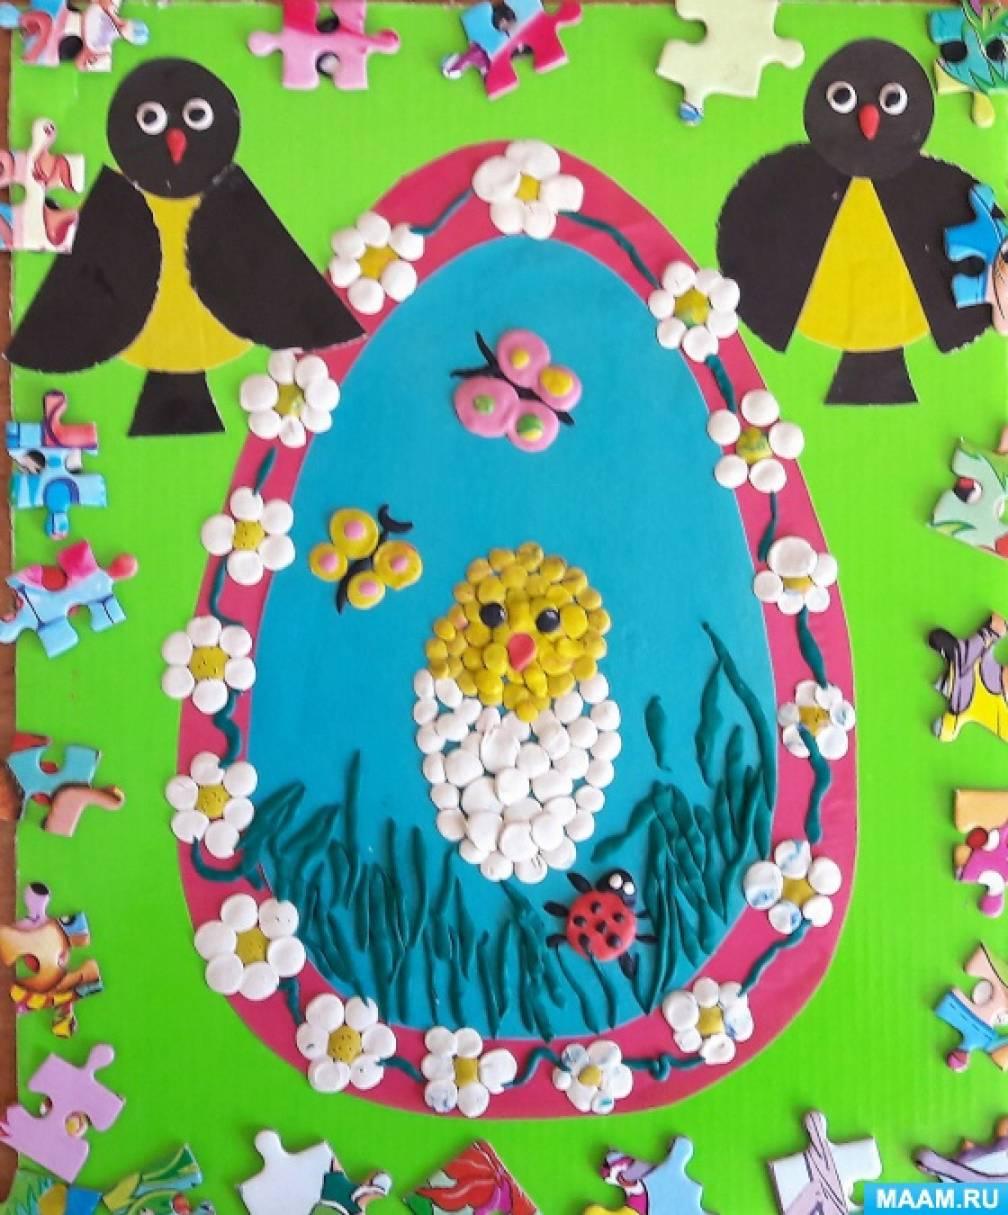 Пасхальная композиция «Гнездышко в цветочках» в рамках кружк...